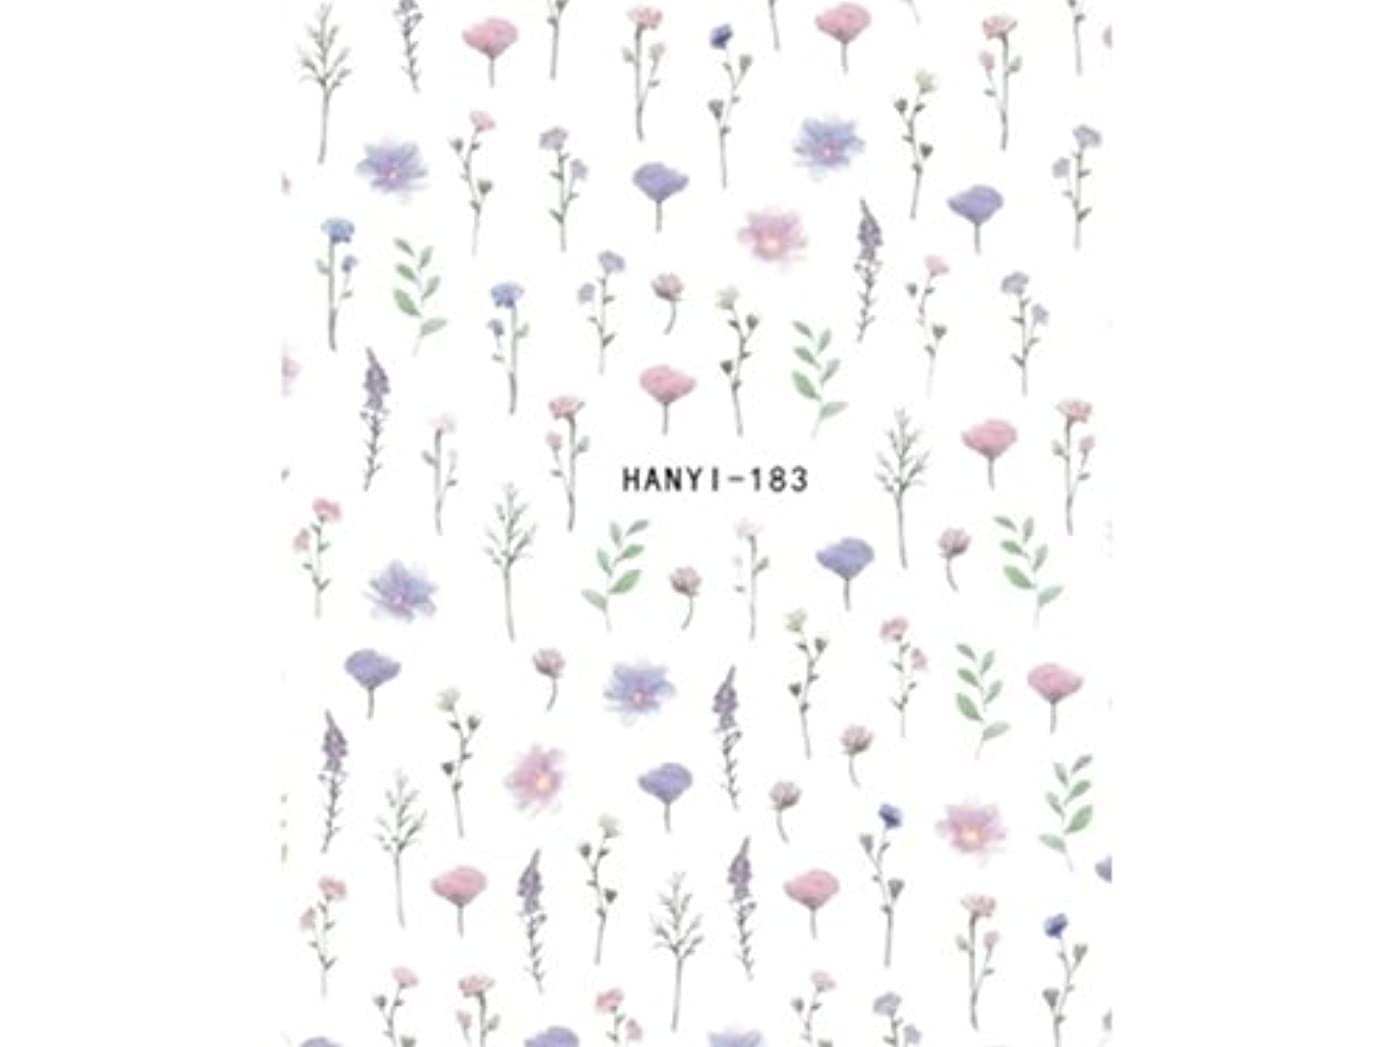 アンケート王族心理的Osize ファッションカラフルな花ネイルアートステッカー水転送ネイルステッカーネイルアクセサリー(示されているように)